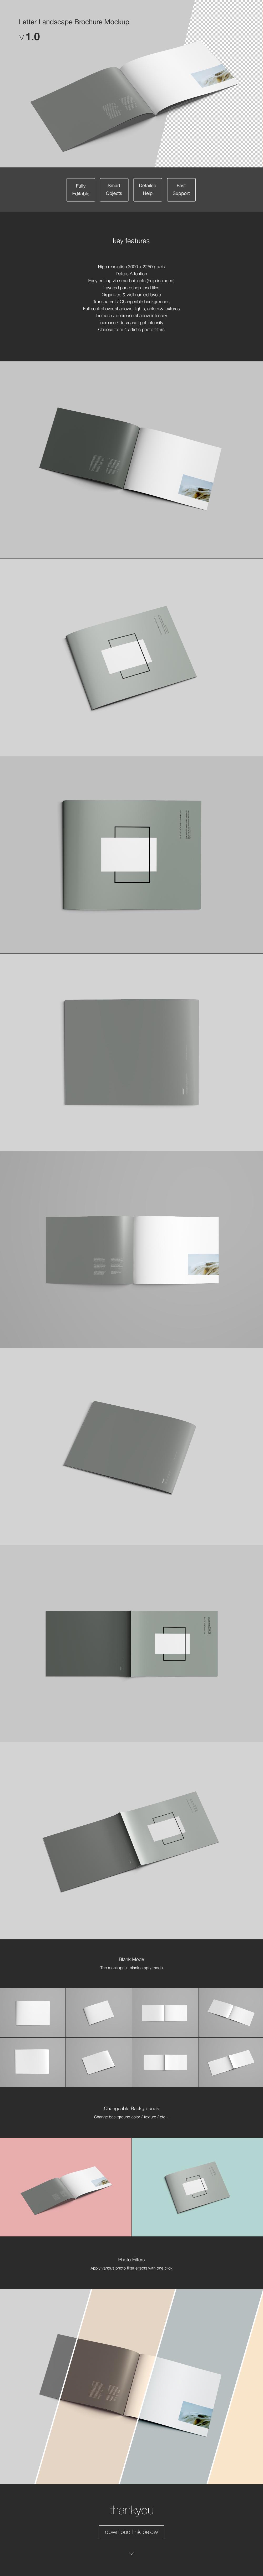 Letter Landscape / Horizontal Brochure Mockup